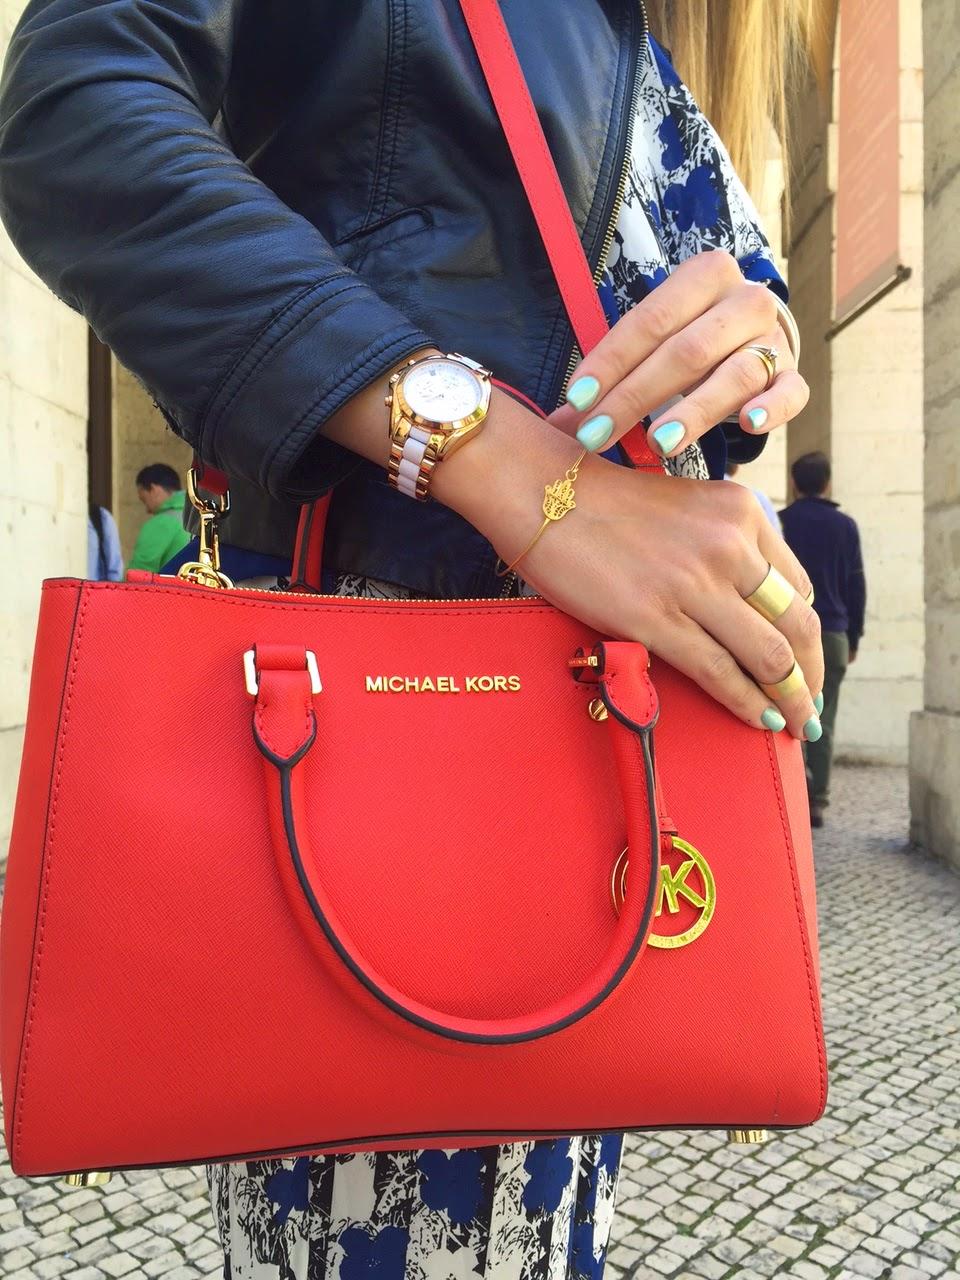 b91760211 Macacão: Pepe Jeans | Casaco: Zara (antigo) | Anéis, colares e pulseira: A  Pipoca Mais Doce by Loja das Jóias | Relógio e carteira: Michael Kors |  Óculos: ...